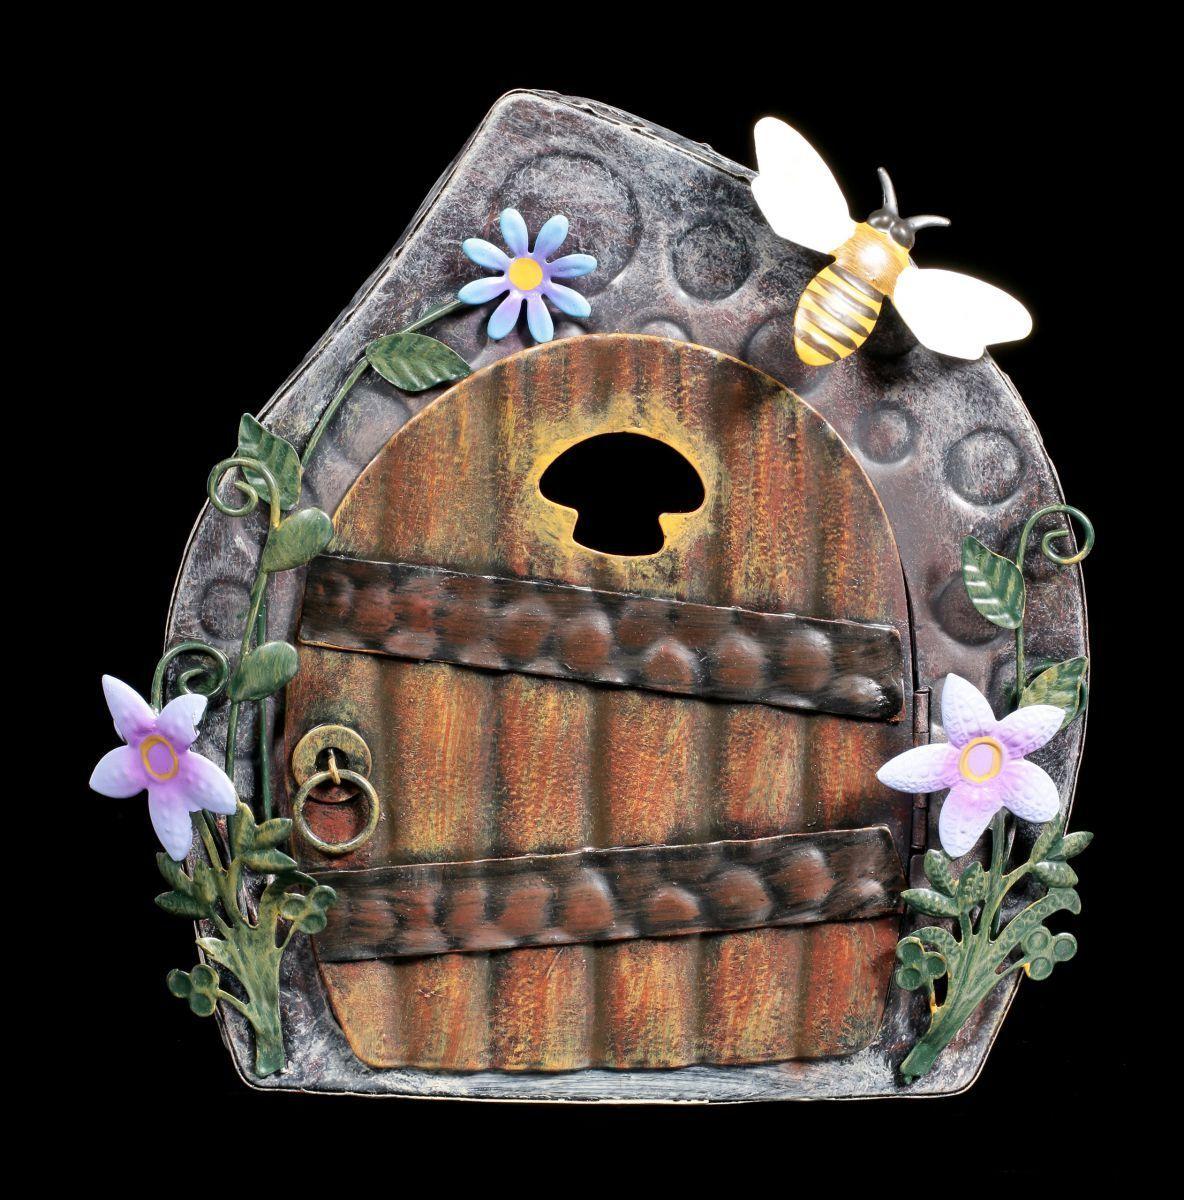 Elfen Metall Tür - Beekeepers Cottage - Fantasy Garten Haus Deko Fee Magie